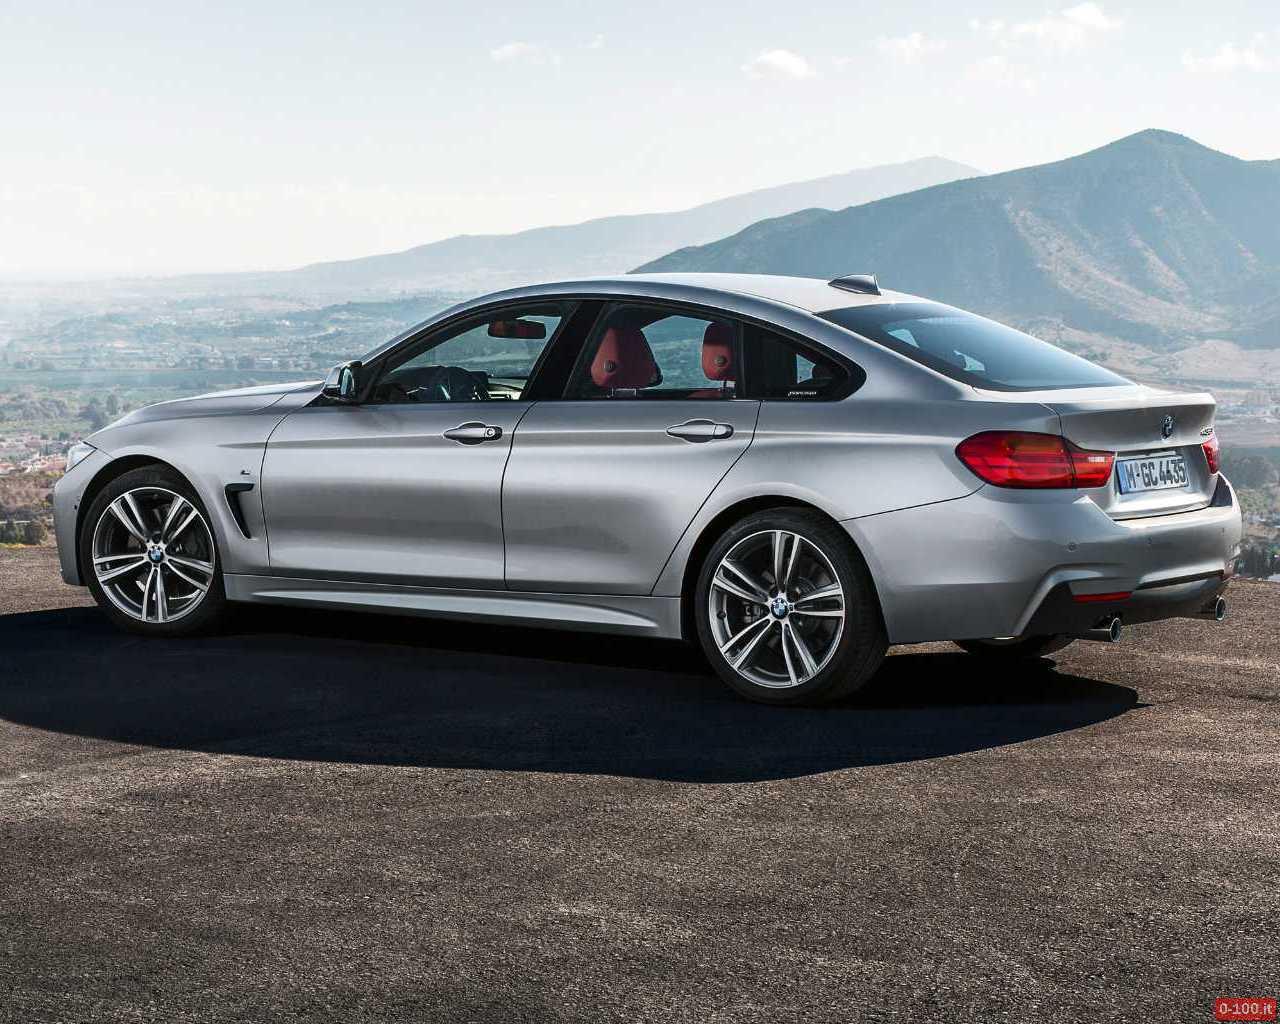 bmw-serie-4-gran-coupe-prezzo-price-ginevra-geneve-2014-0-100_1